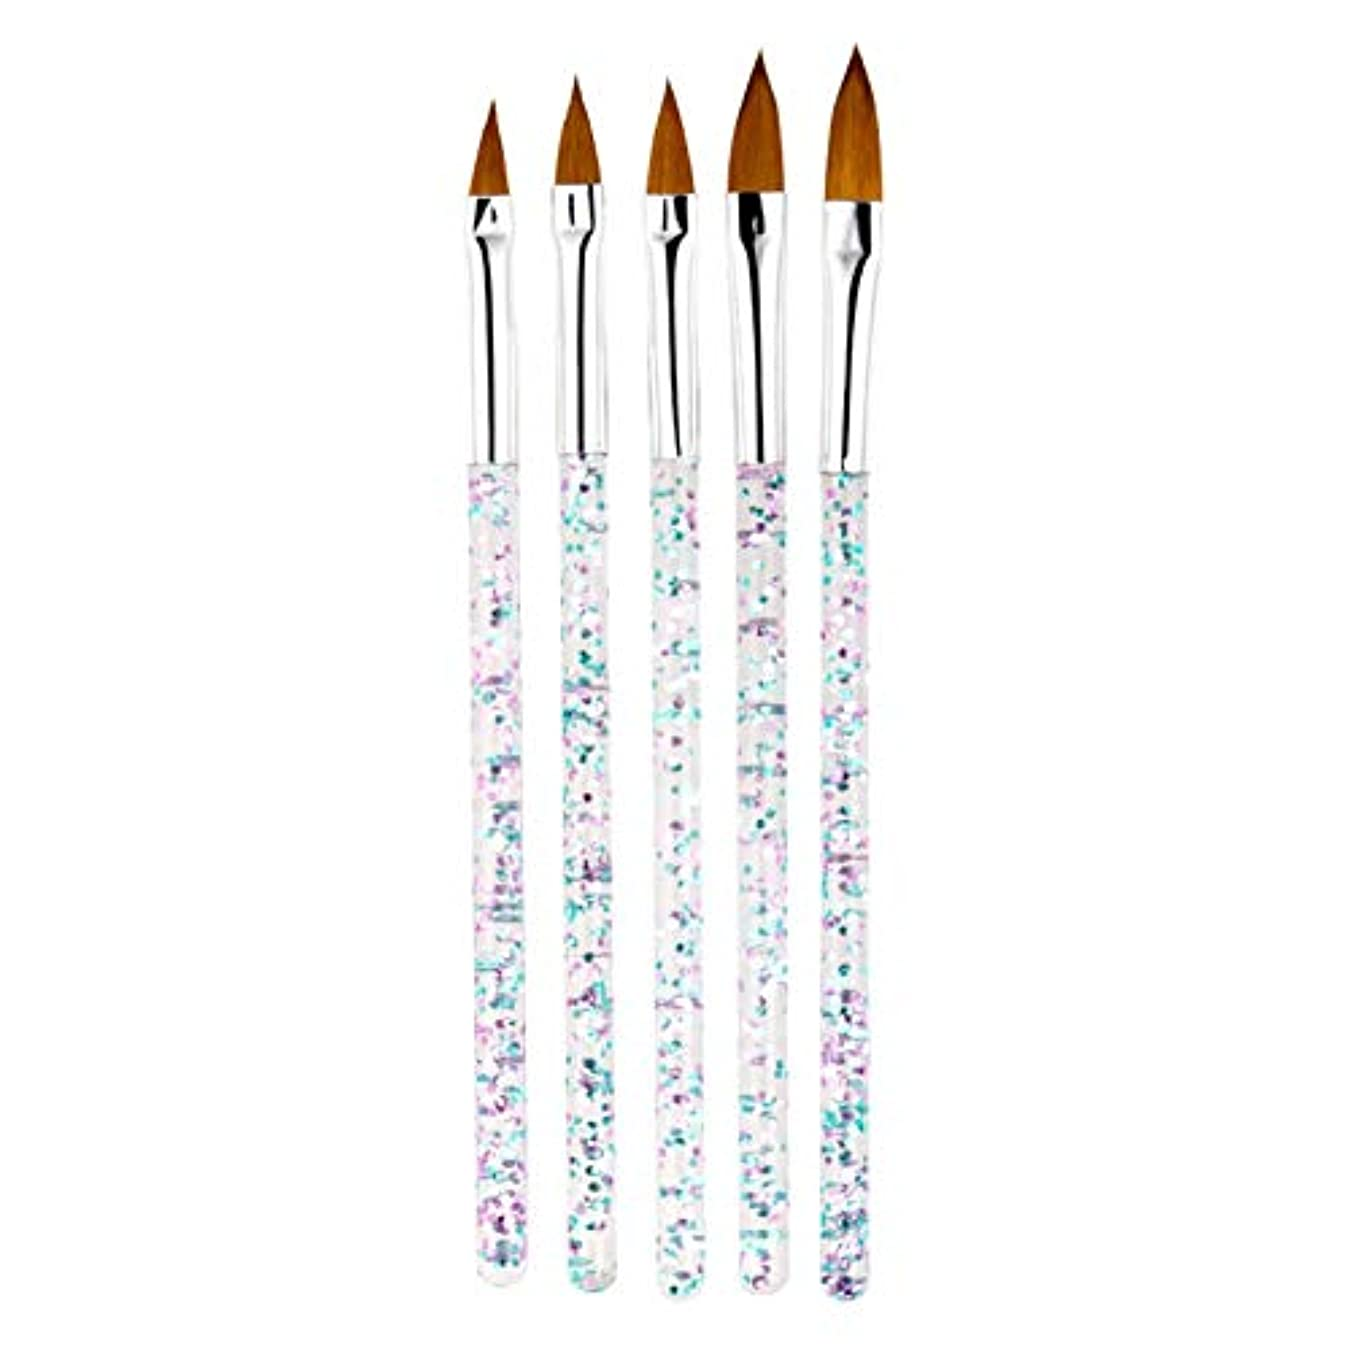 出演者谷核MCCRUA ネイルブラシ 5本セット スカルプネイルブラシ 可愛い アクリルネイル UV ジェルネイル ネイルアート筆